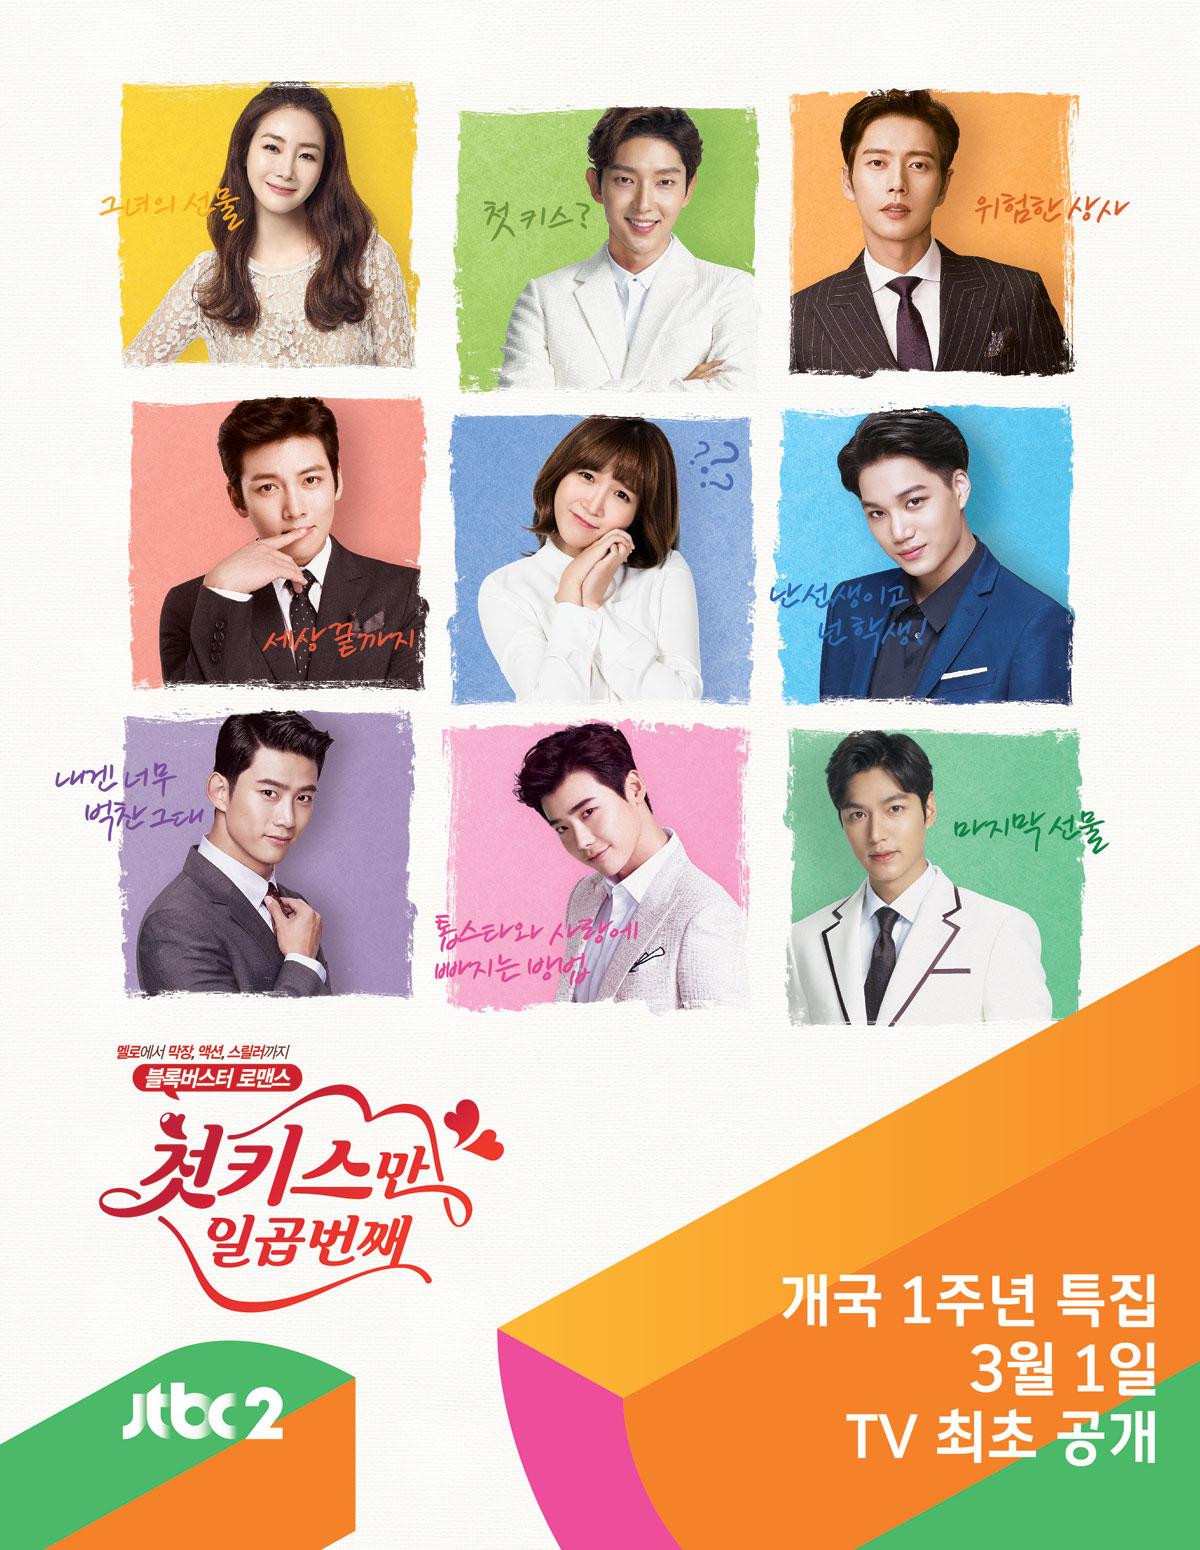 개국 1주년 JTBC2, 지창욱부터 엑소까지! 초특급 라인업 대잔치